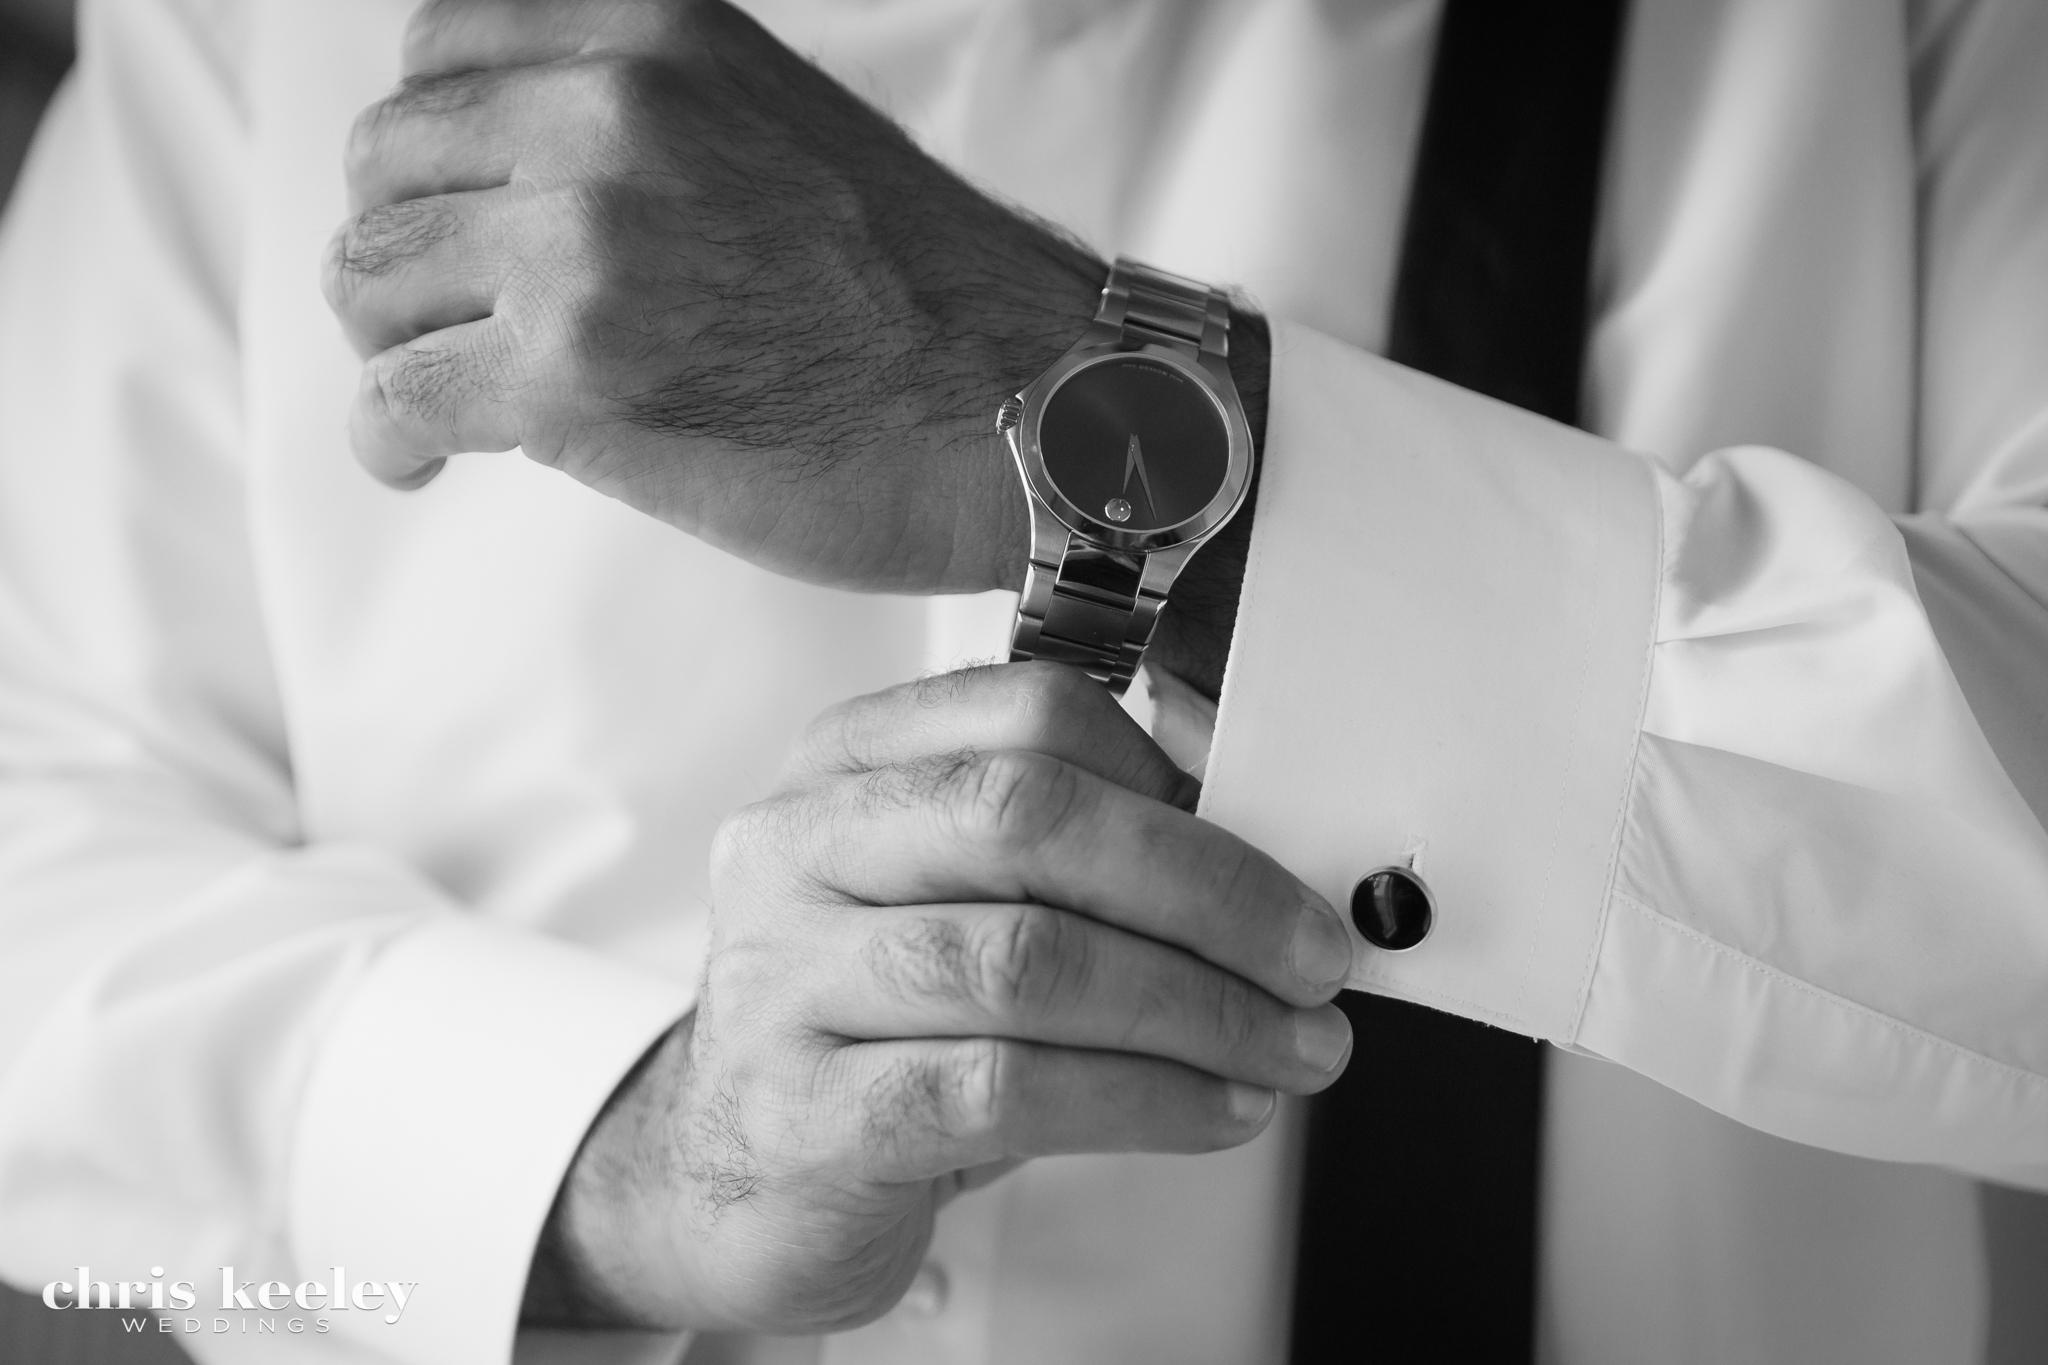 1130-Chris-Keeley-Weddings-348 wmk.jpg